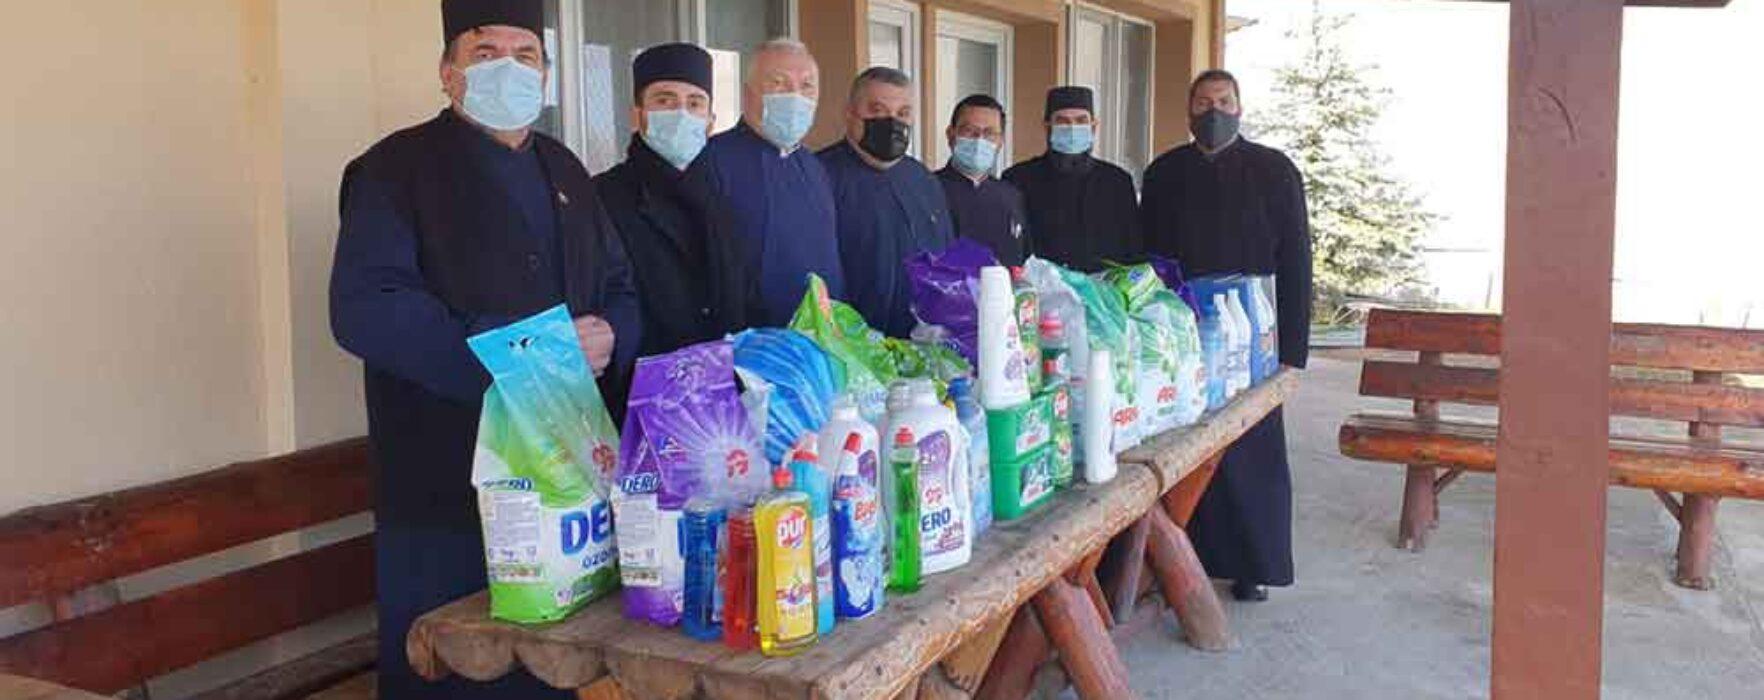 Dâmboviţa: Sprijin din partea mai multor parohii pentru Căminul de bătrâni din Bălteni